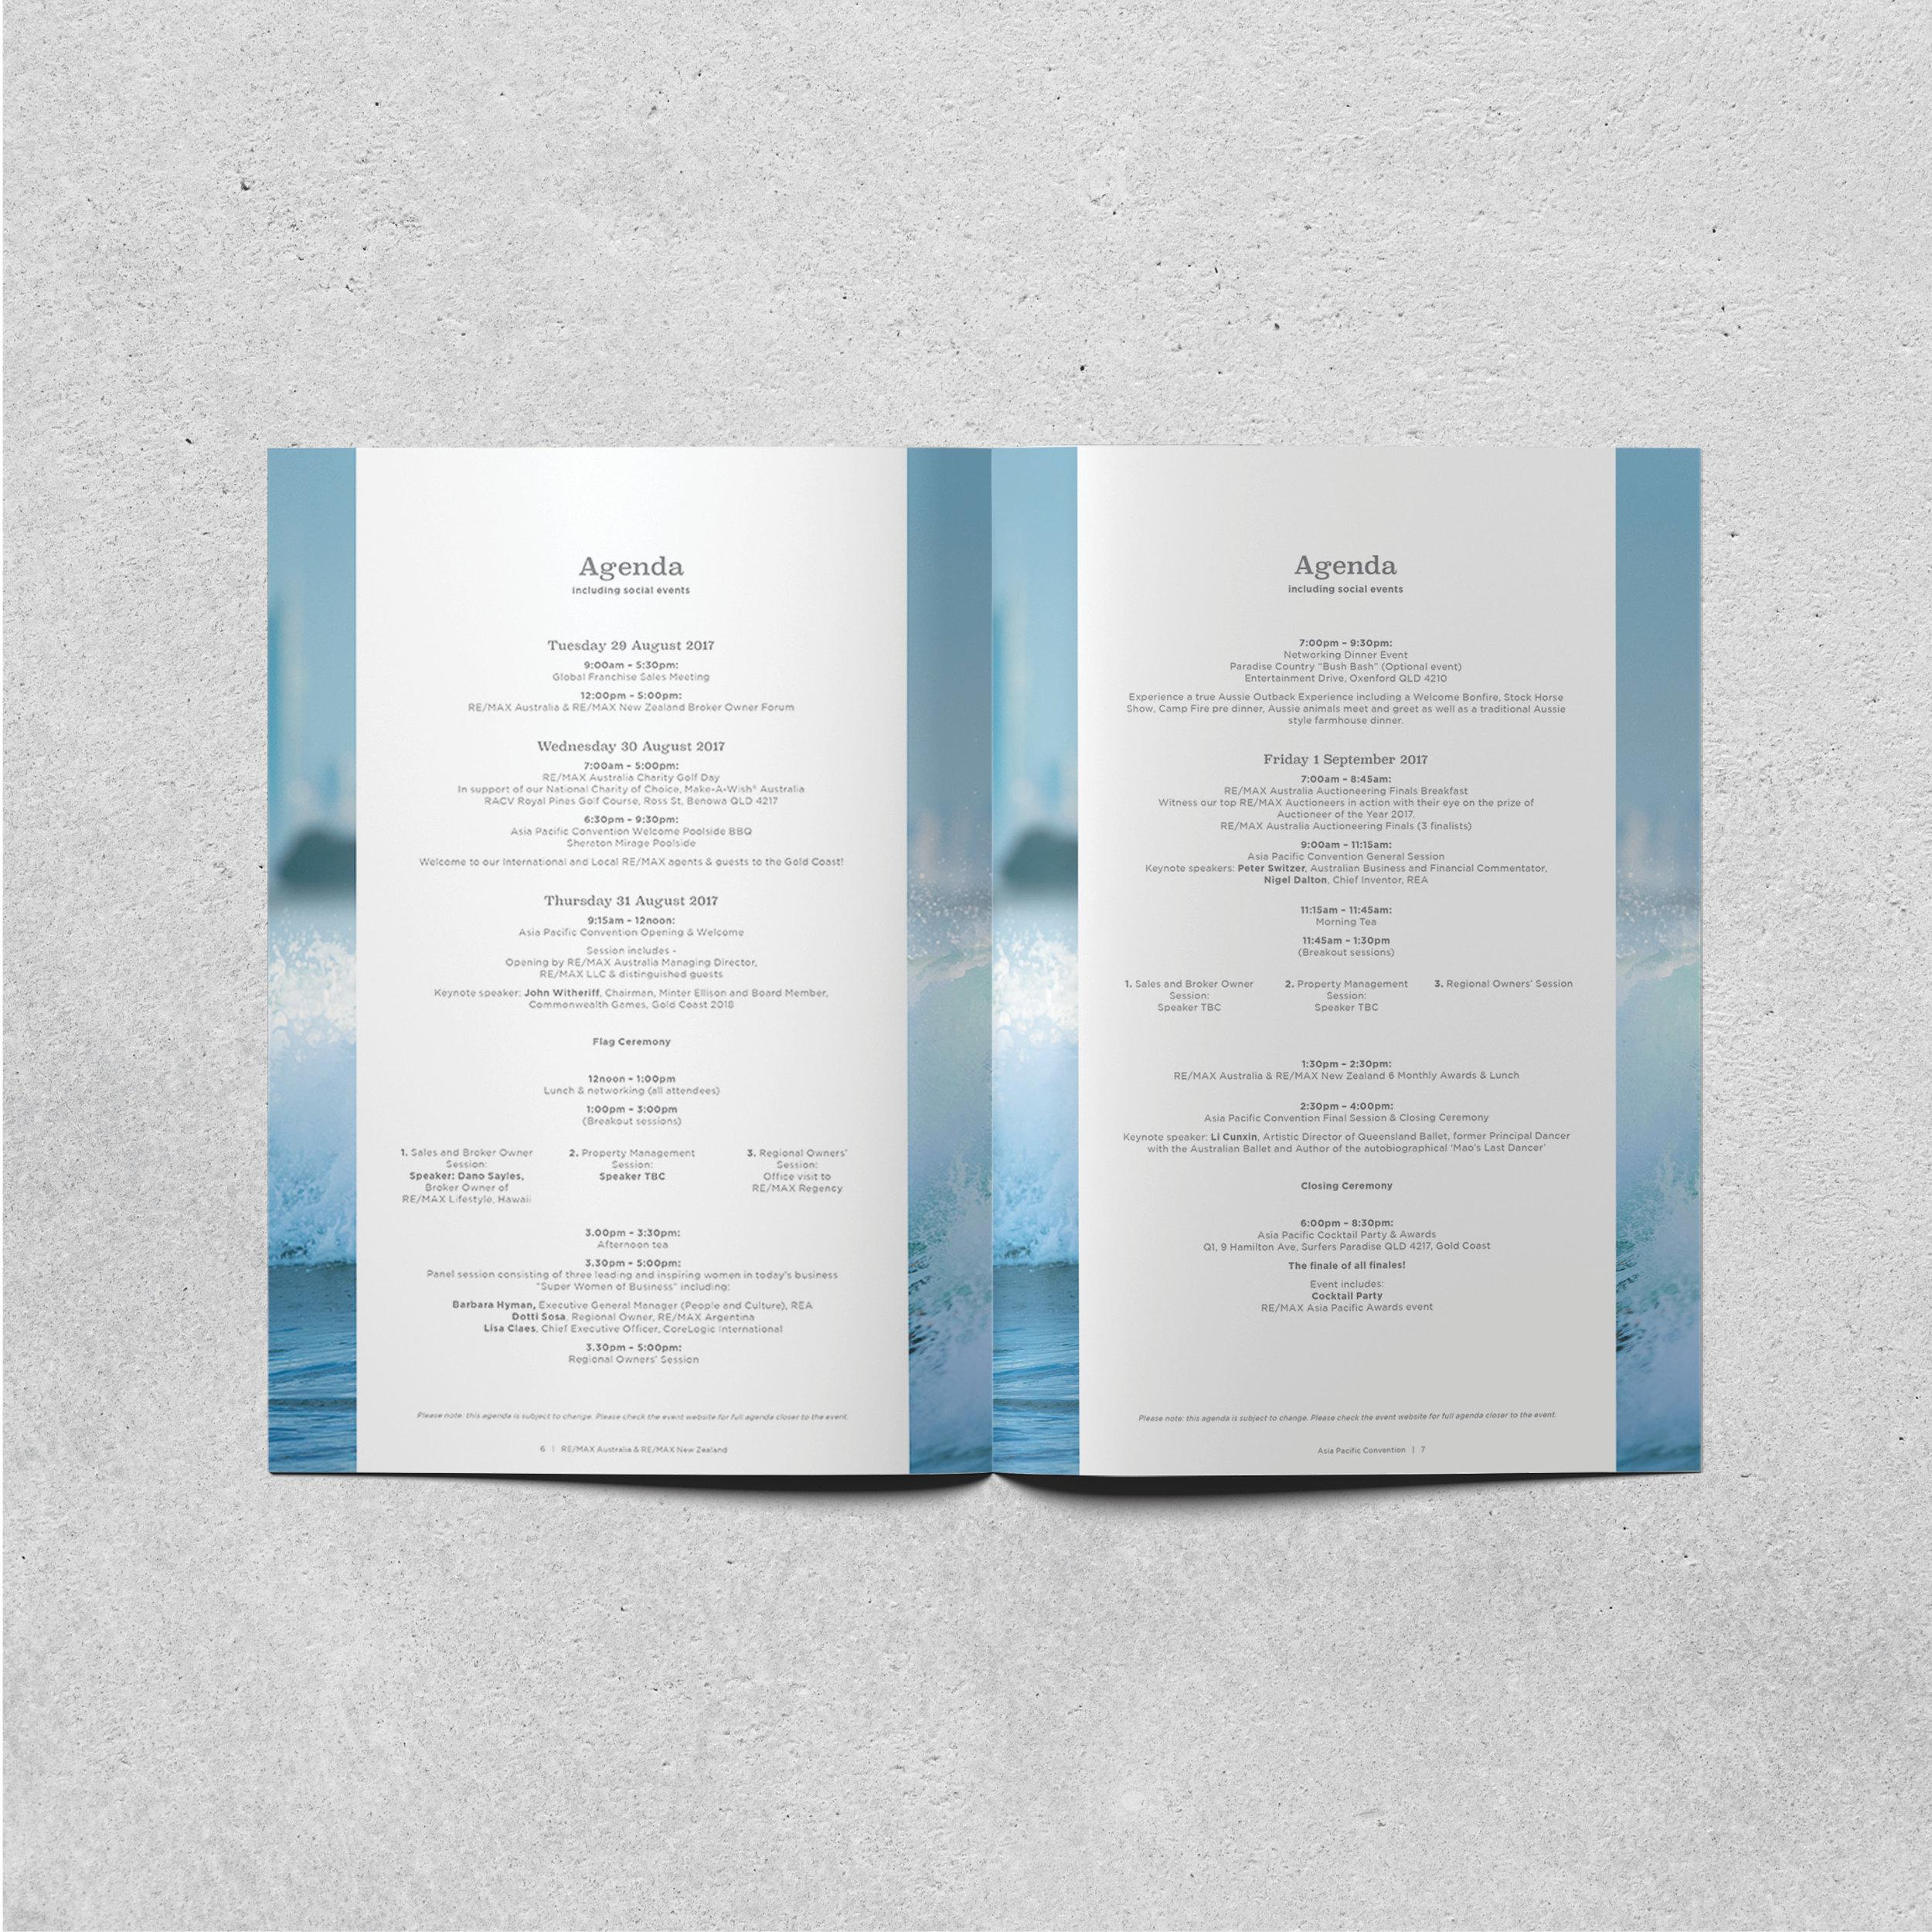 APCagenda-interiorpages3.jpg